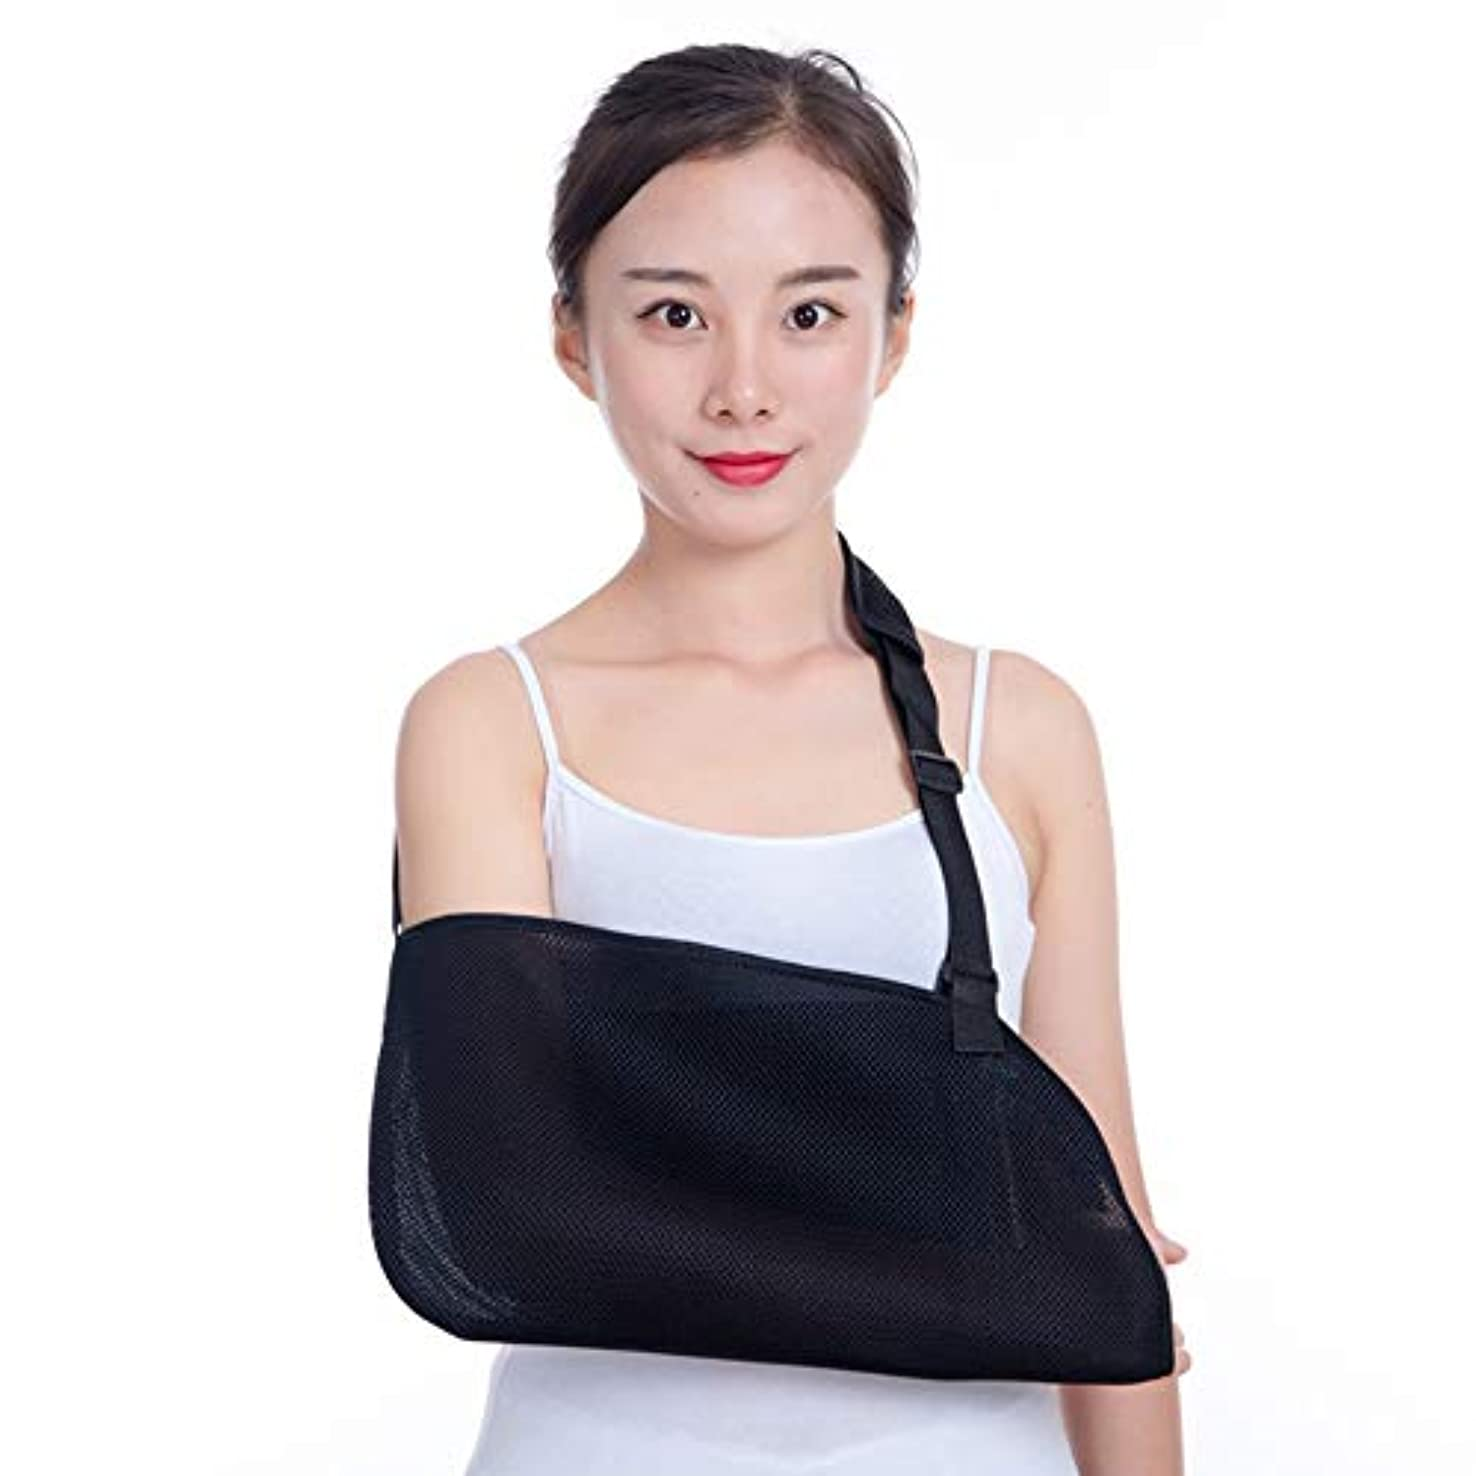 間欠ブロッサムみすぼらしい壊れた手首の肘固定用の成人用通気性メッシュ調節可能な前腕回旋腱板サポート軽量快適のためのアームスリングブレース,Black